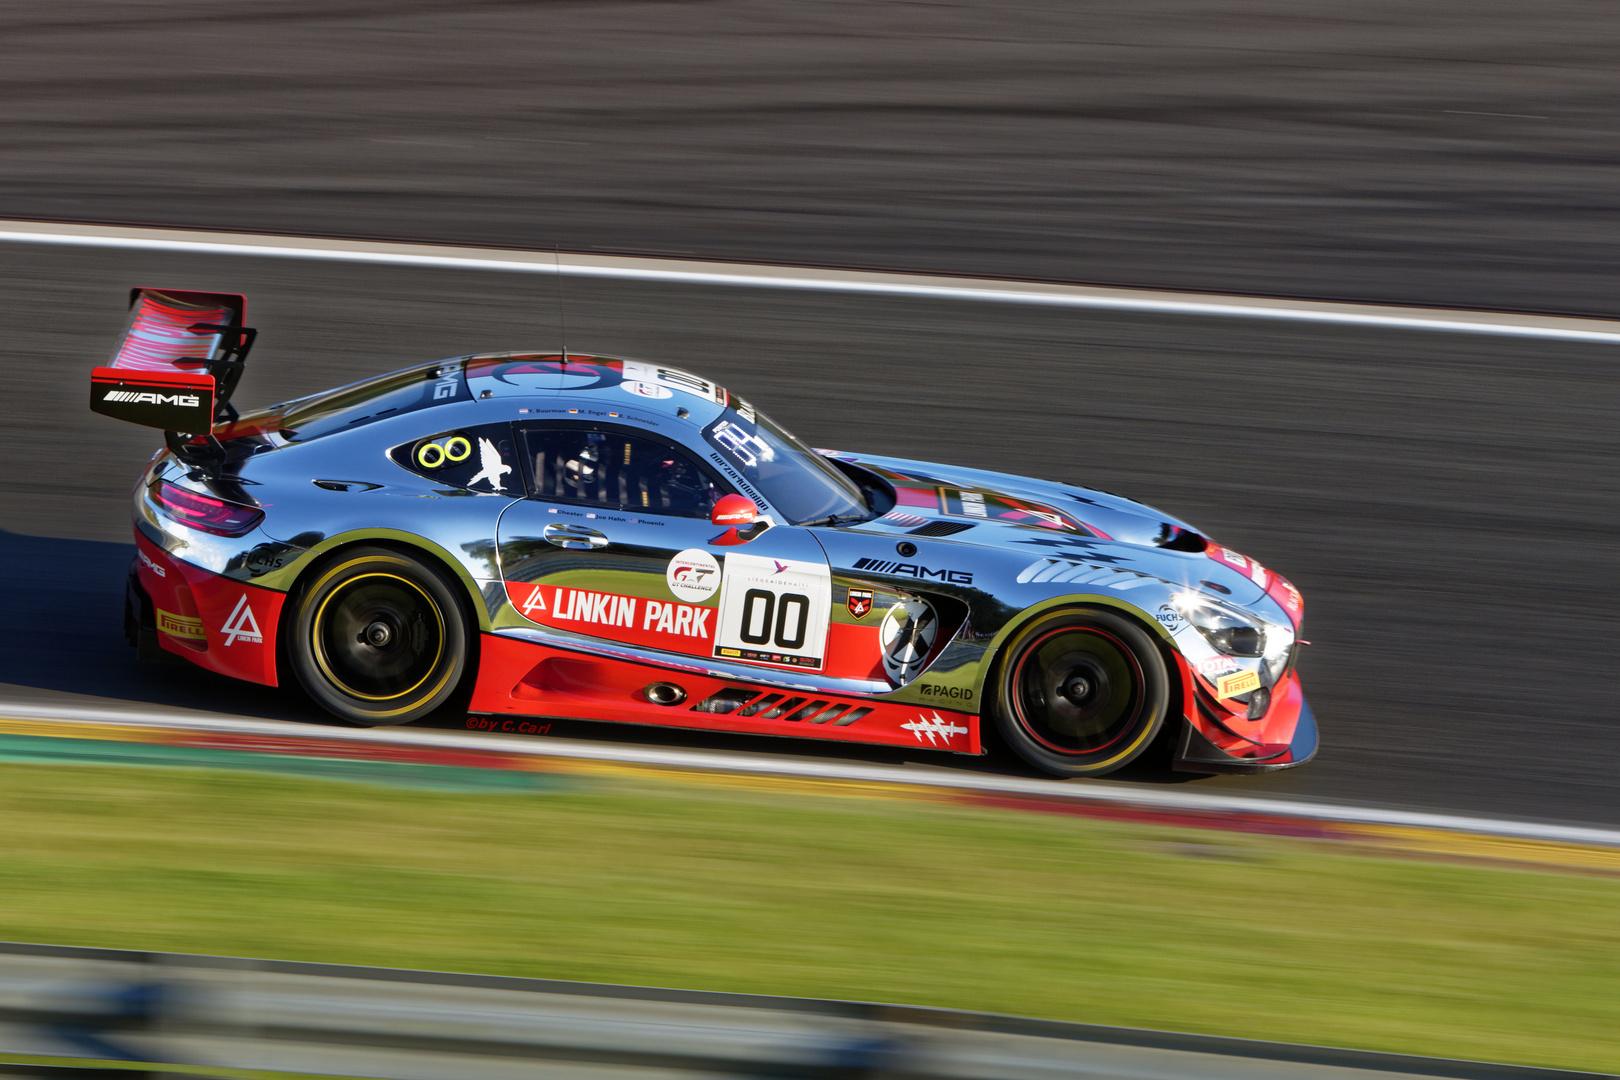 24H von Spa 2016 Qualifying #001